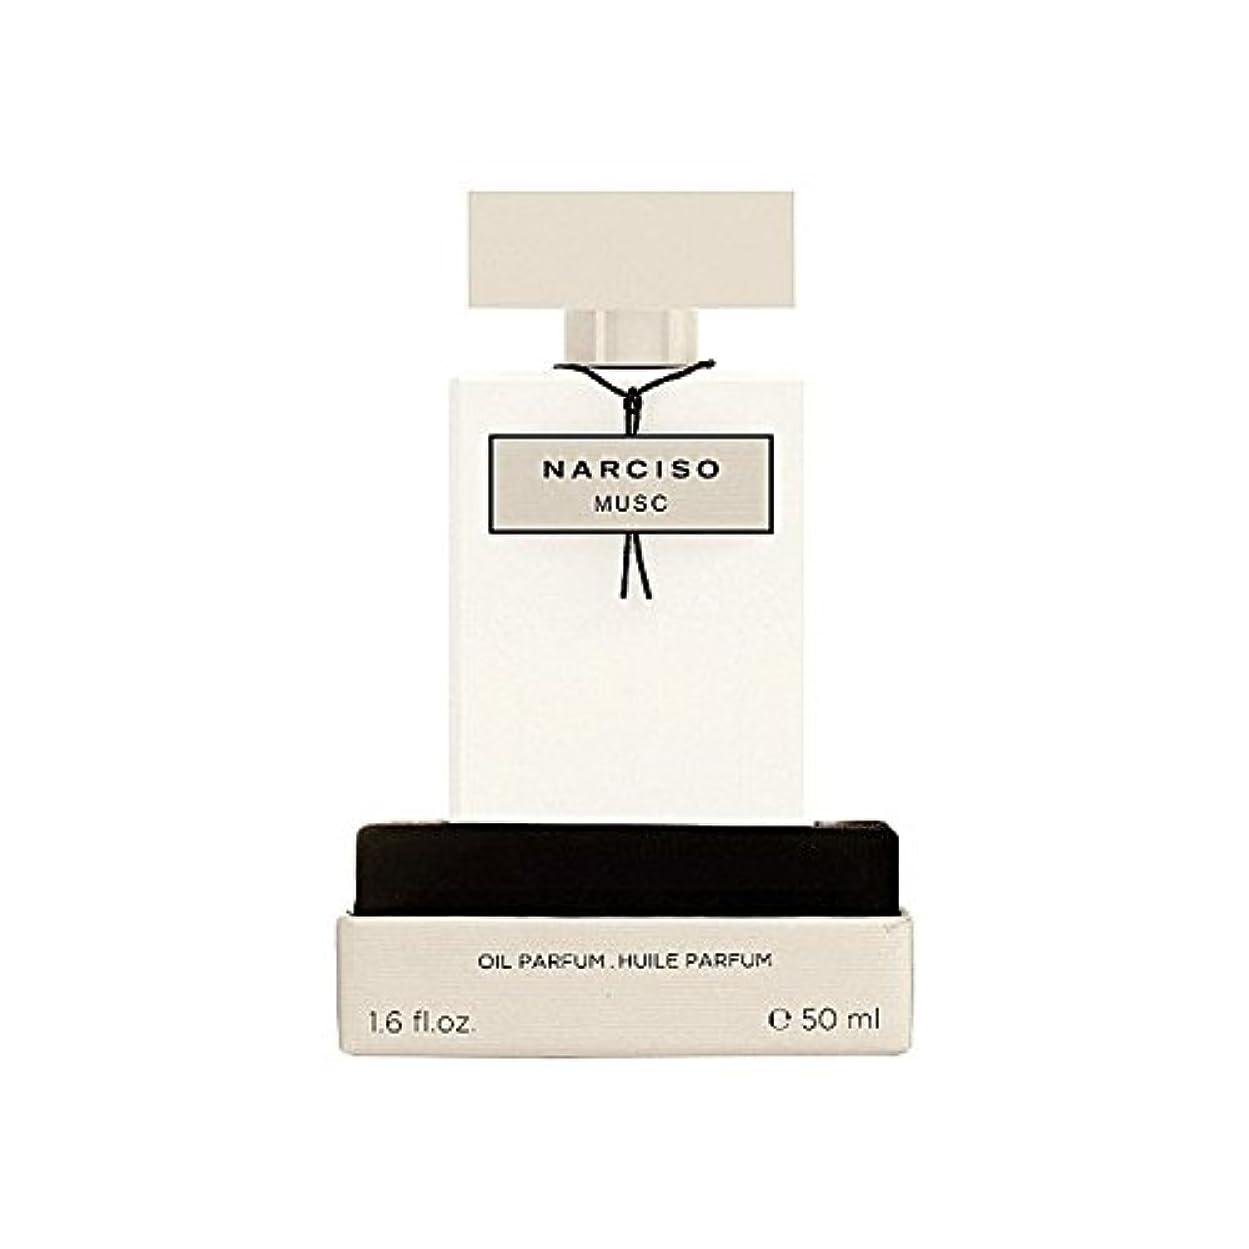 ページェント結果として料理ナルシソ?ロドリゲスナルシソオイル50ミリリットル x2 - Narciso Rodriguez Narciso Musc Oil 50ml (Pack of 2) [並行輸入品]